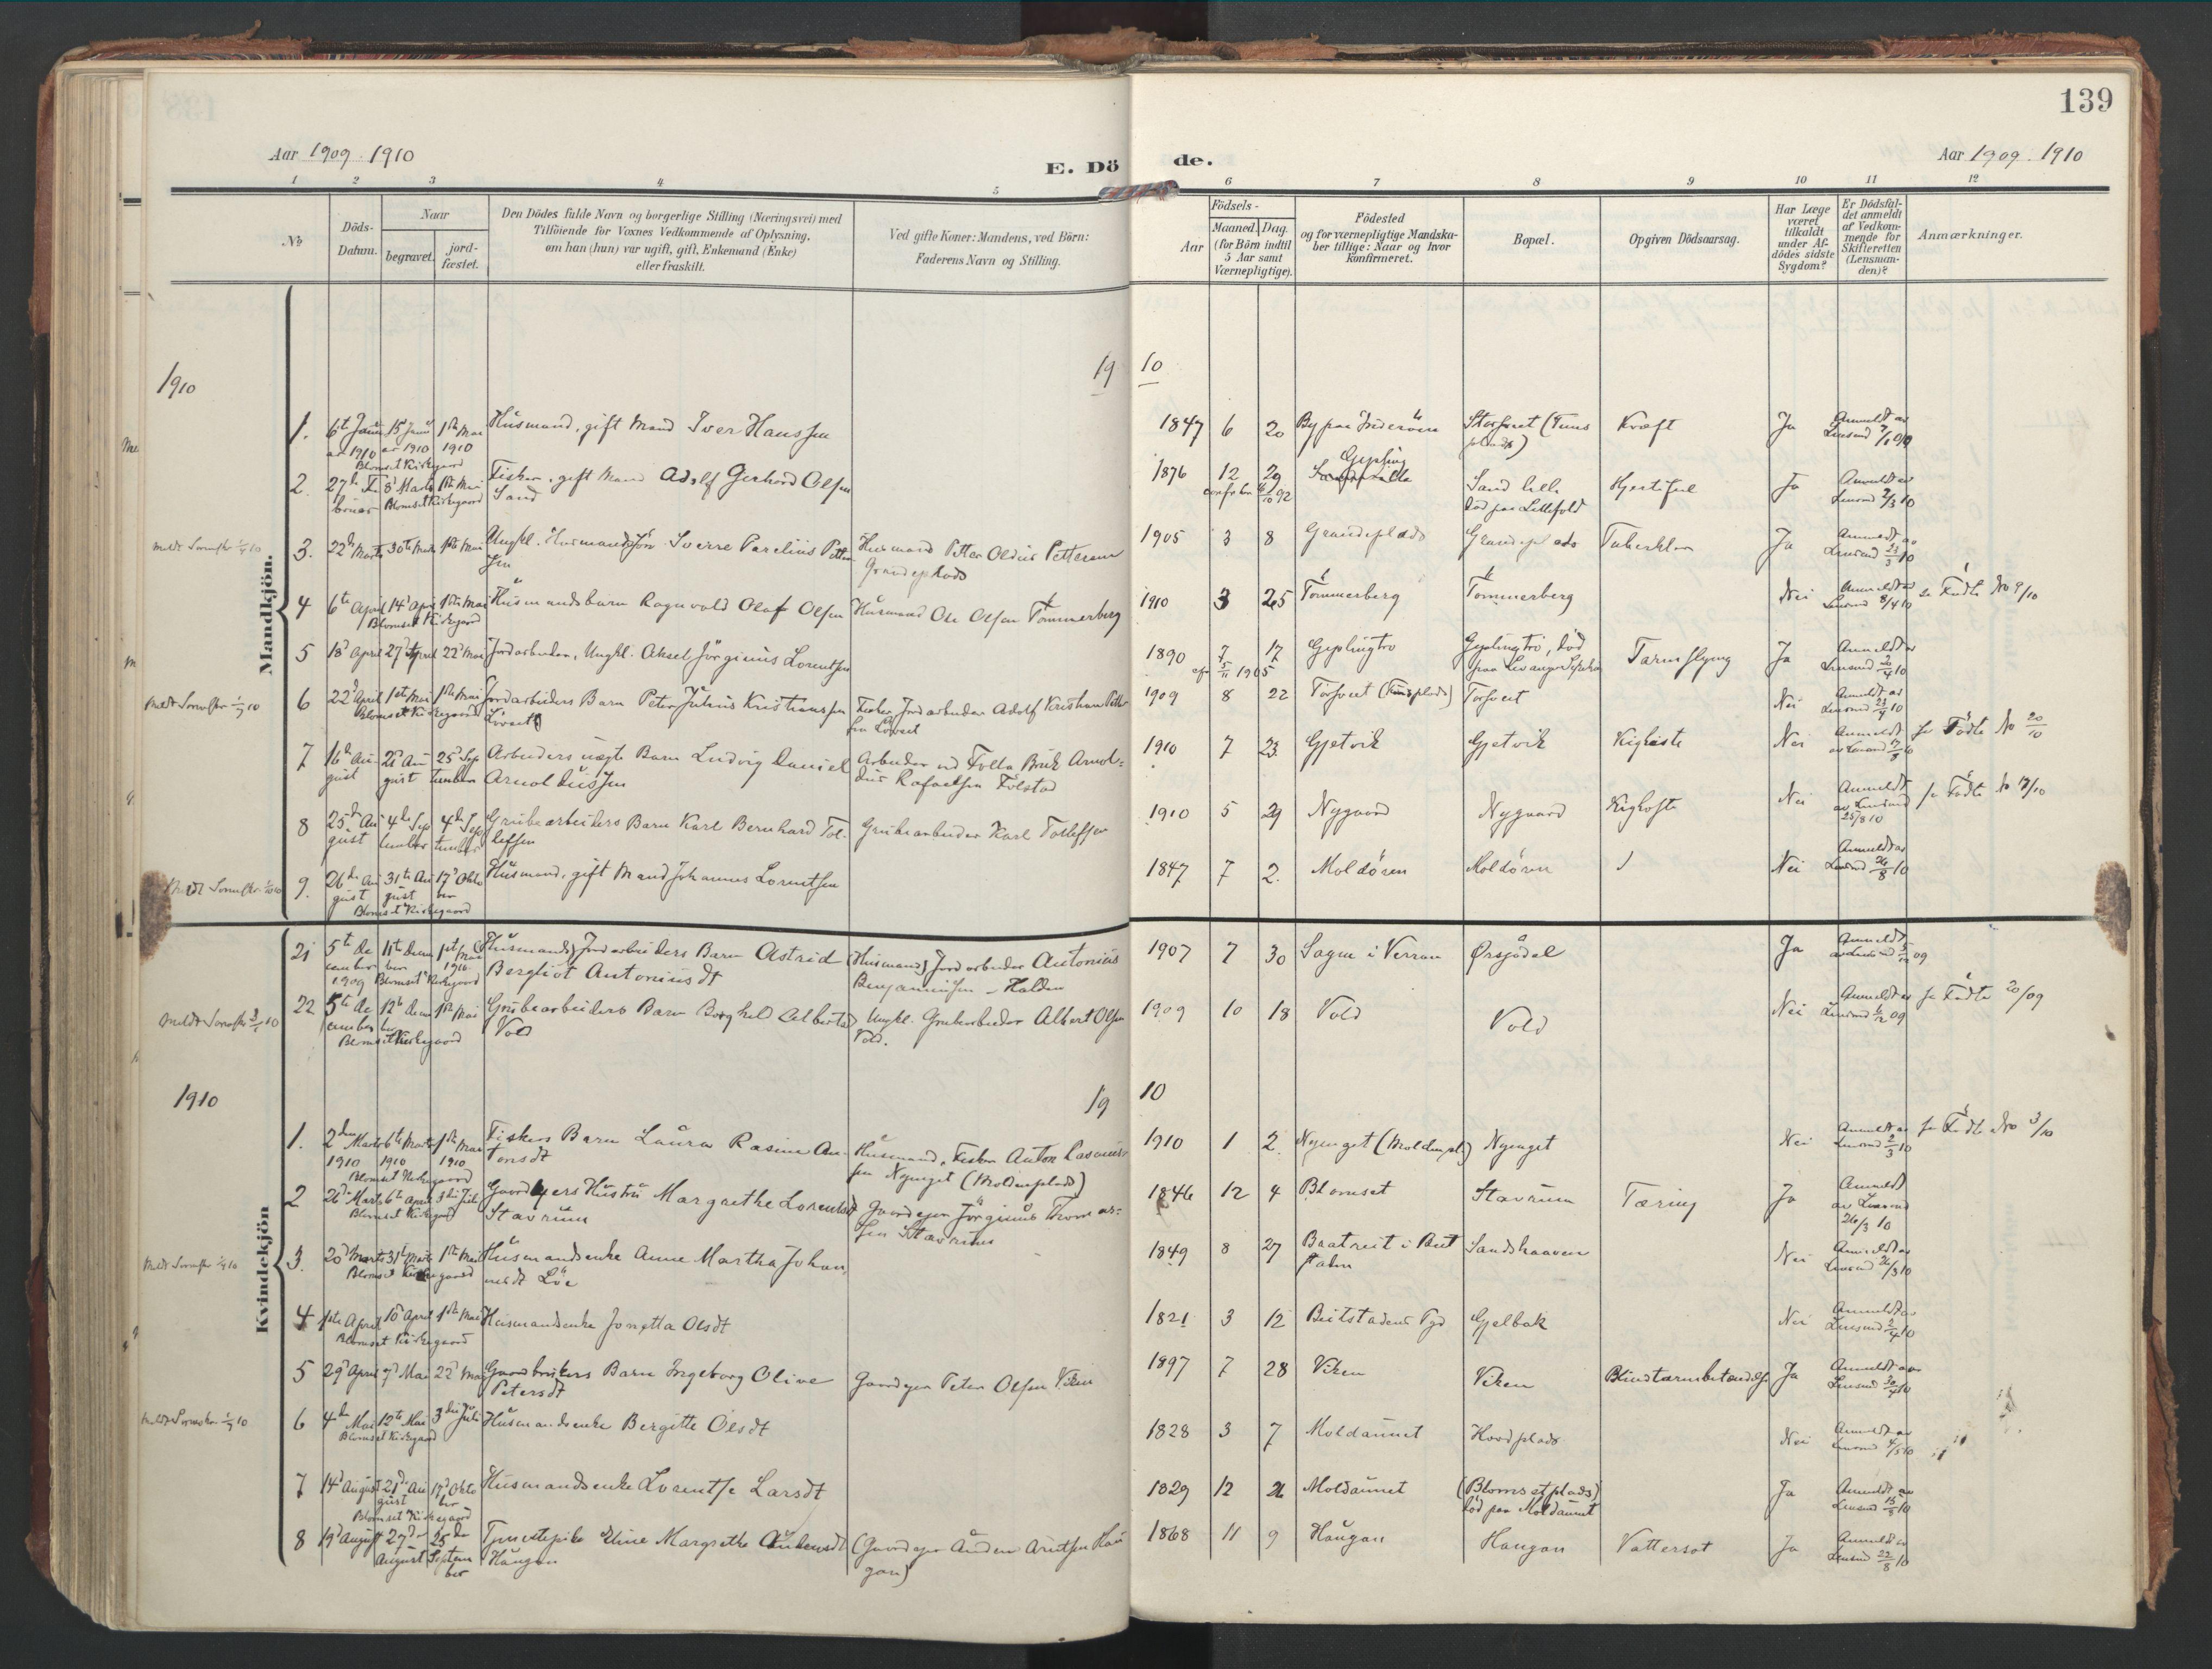 SAT, Ministerialprotokoller, klokkerbøker og fødselsregistre - Nord-Trøndelag, 744/L0421: Ministerialbok nr. 744A05, 1905-1930, s. 139